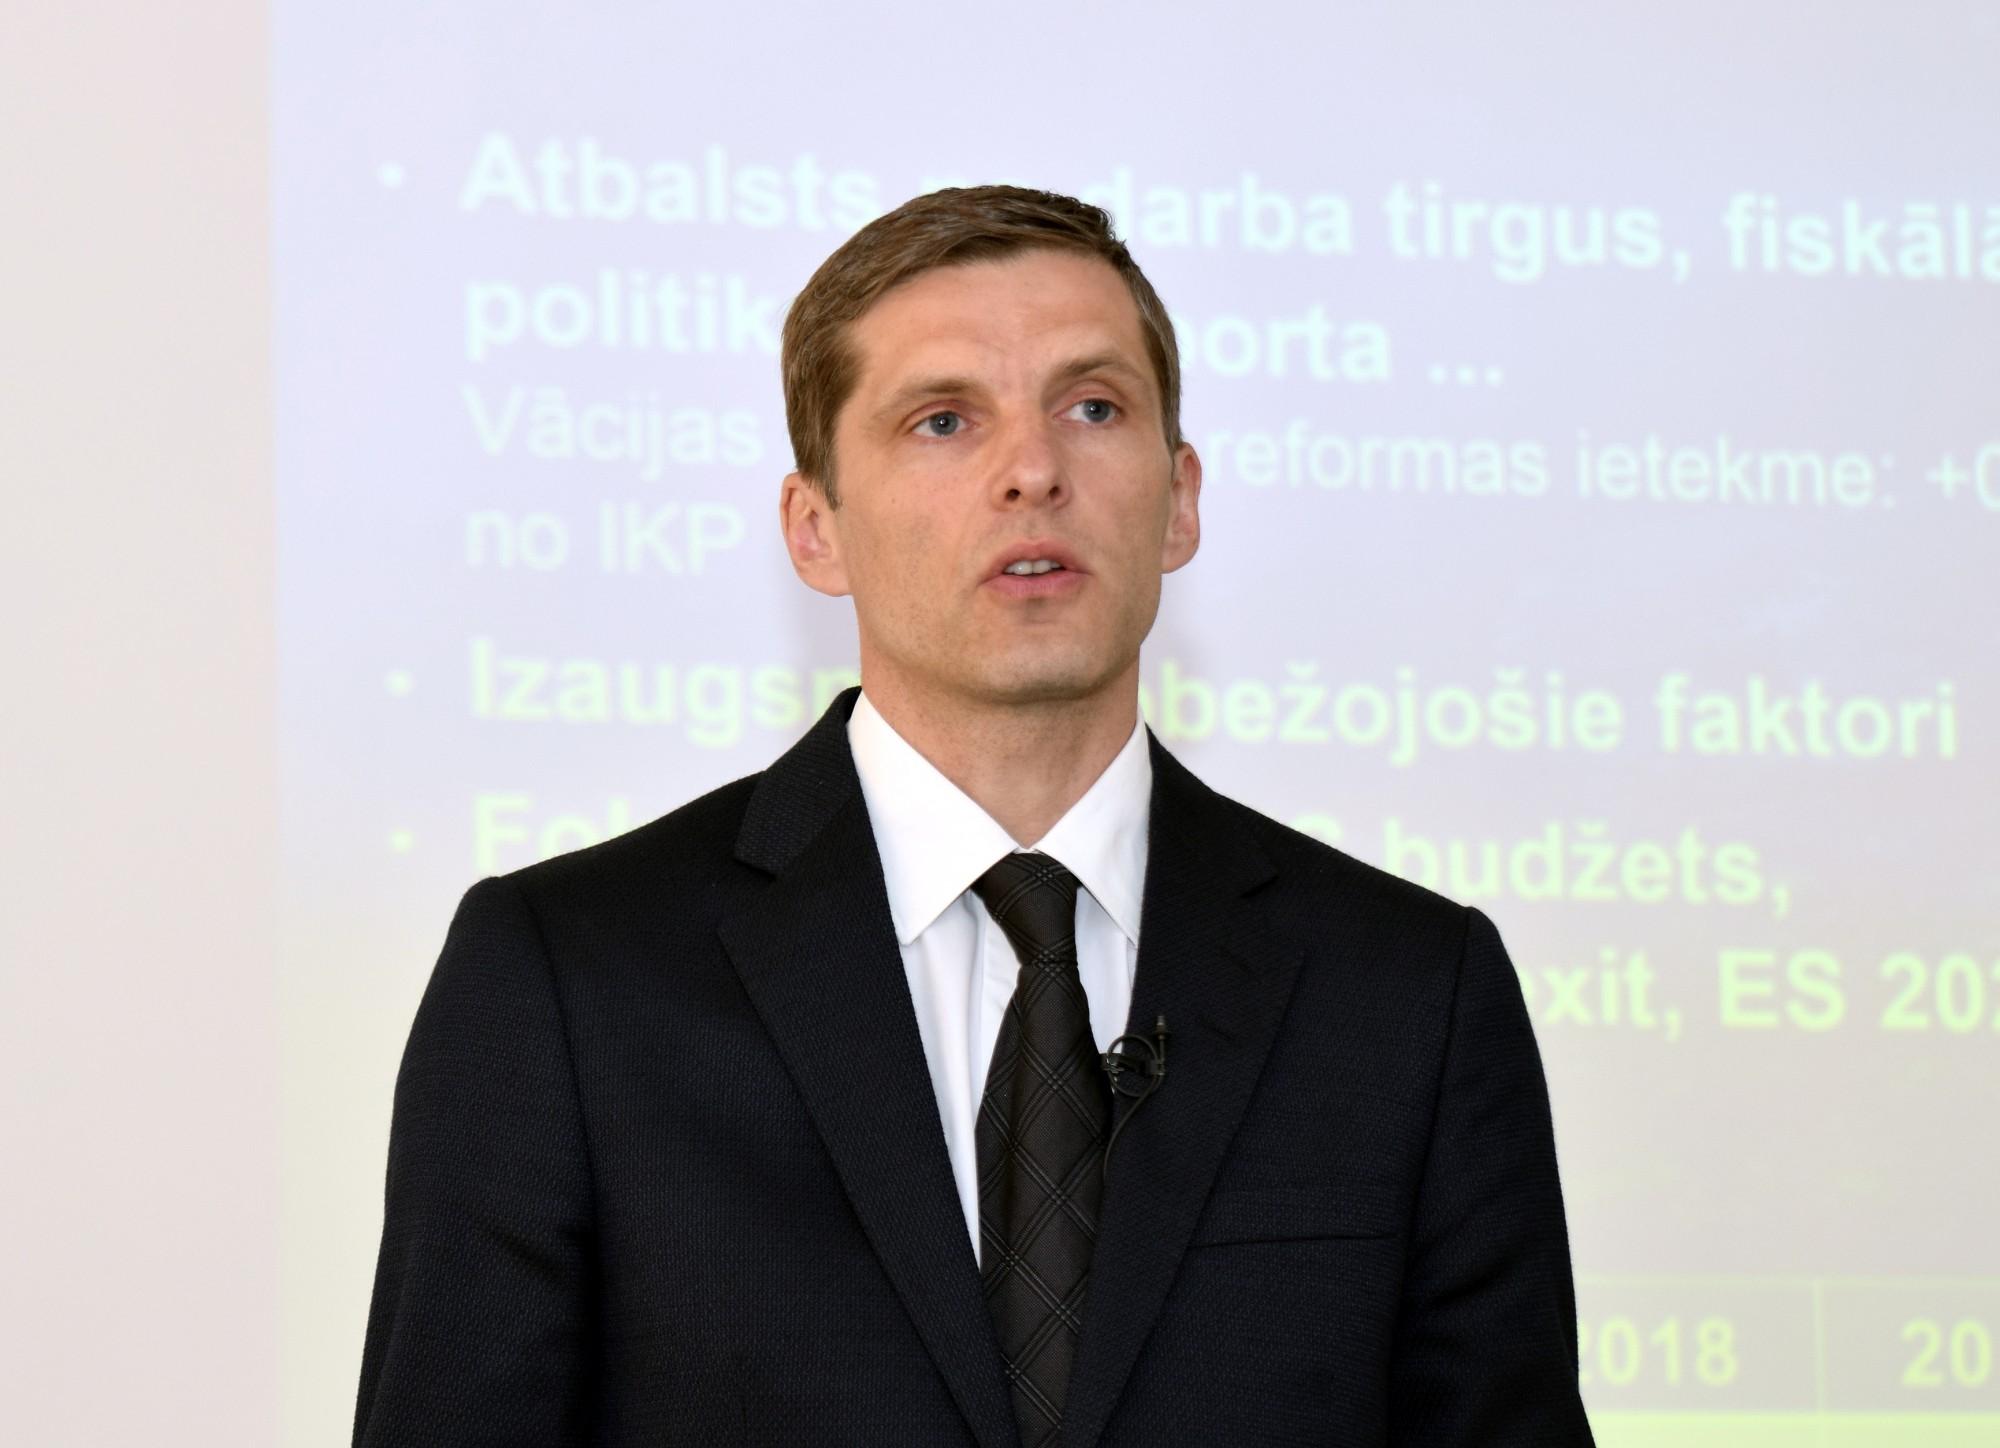 Dainis Gašpuitis: Vispārināti raugoties, vidējās algas ziņā Lietuva no Latvijas vēl atpaliek